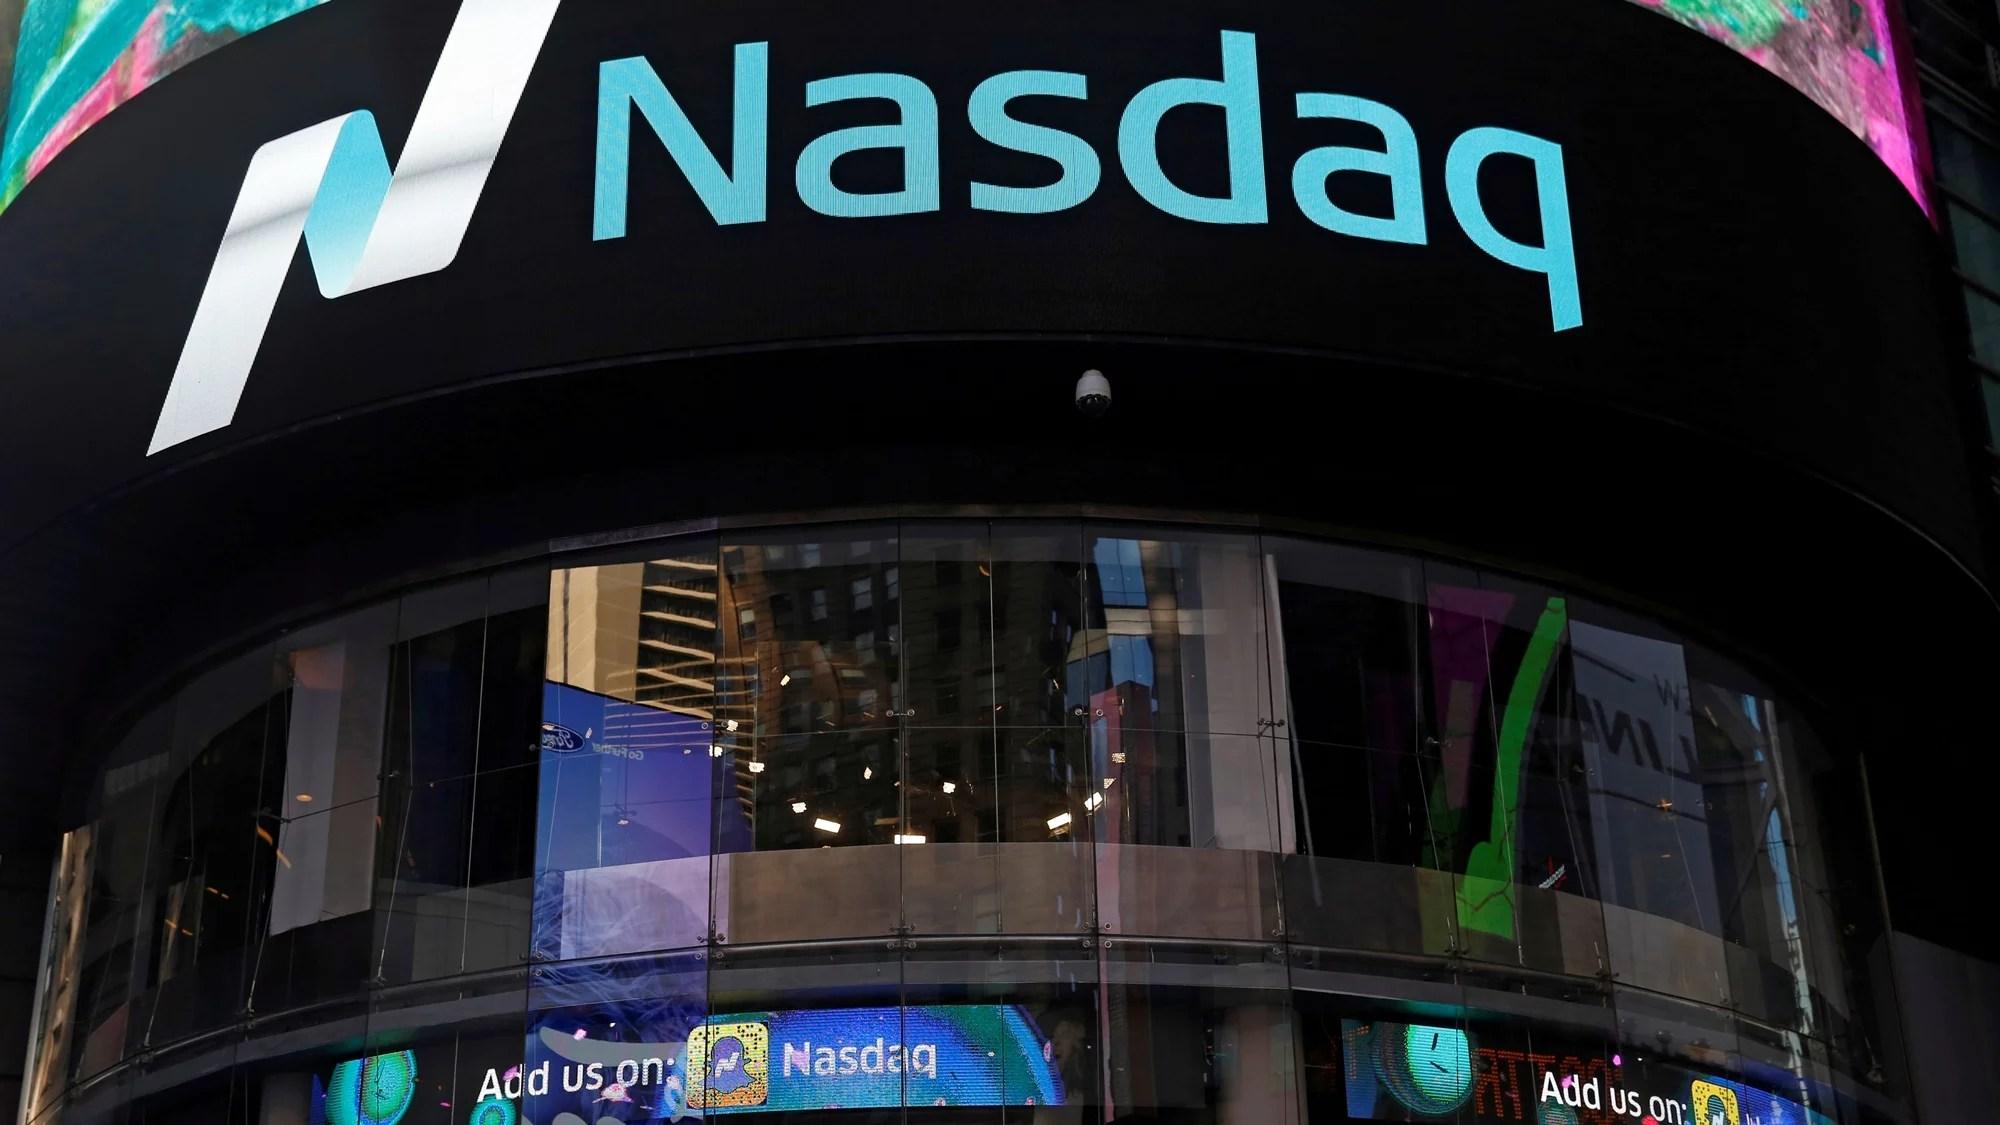 Nasdaq lanza índice de finanzas descentralizadas para activos digitales como MakerDAO